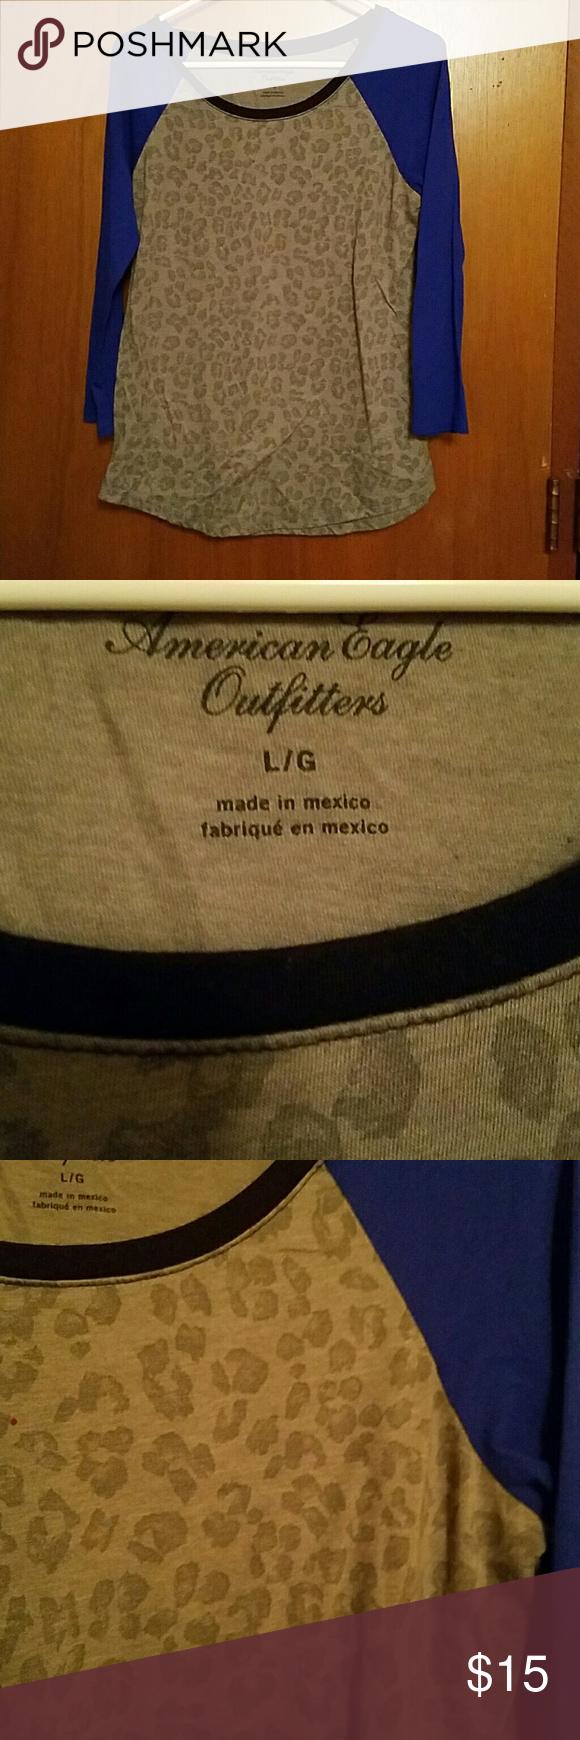 3/4 sleeve tee American Eagle 3/4 sleeve tee. Grey leopard print with blue sleeves. Black trim Tops Tees - Long Sleeve